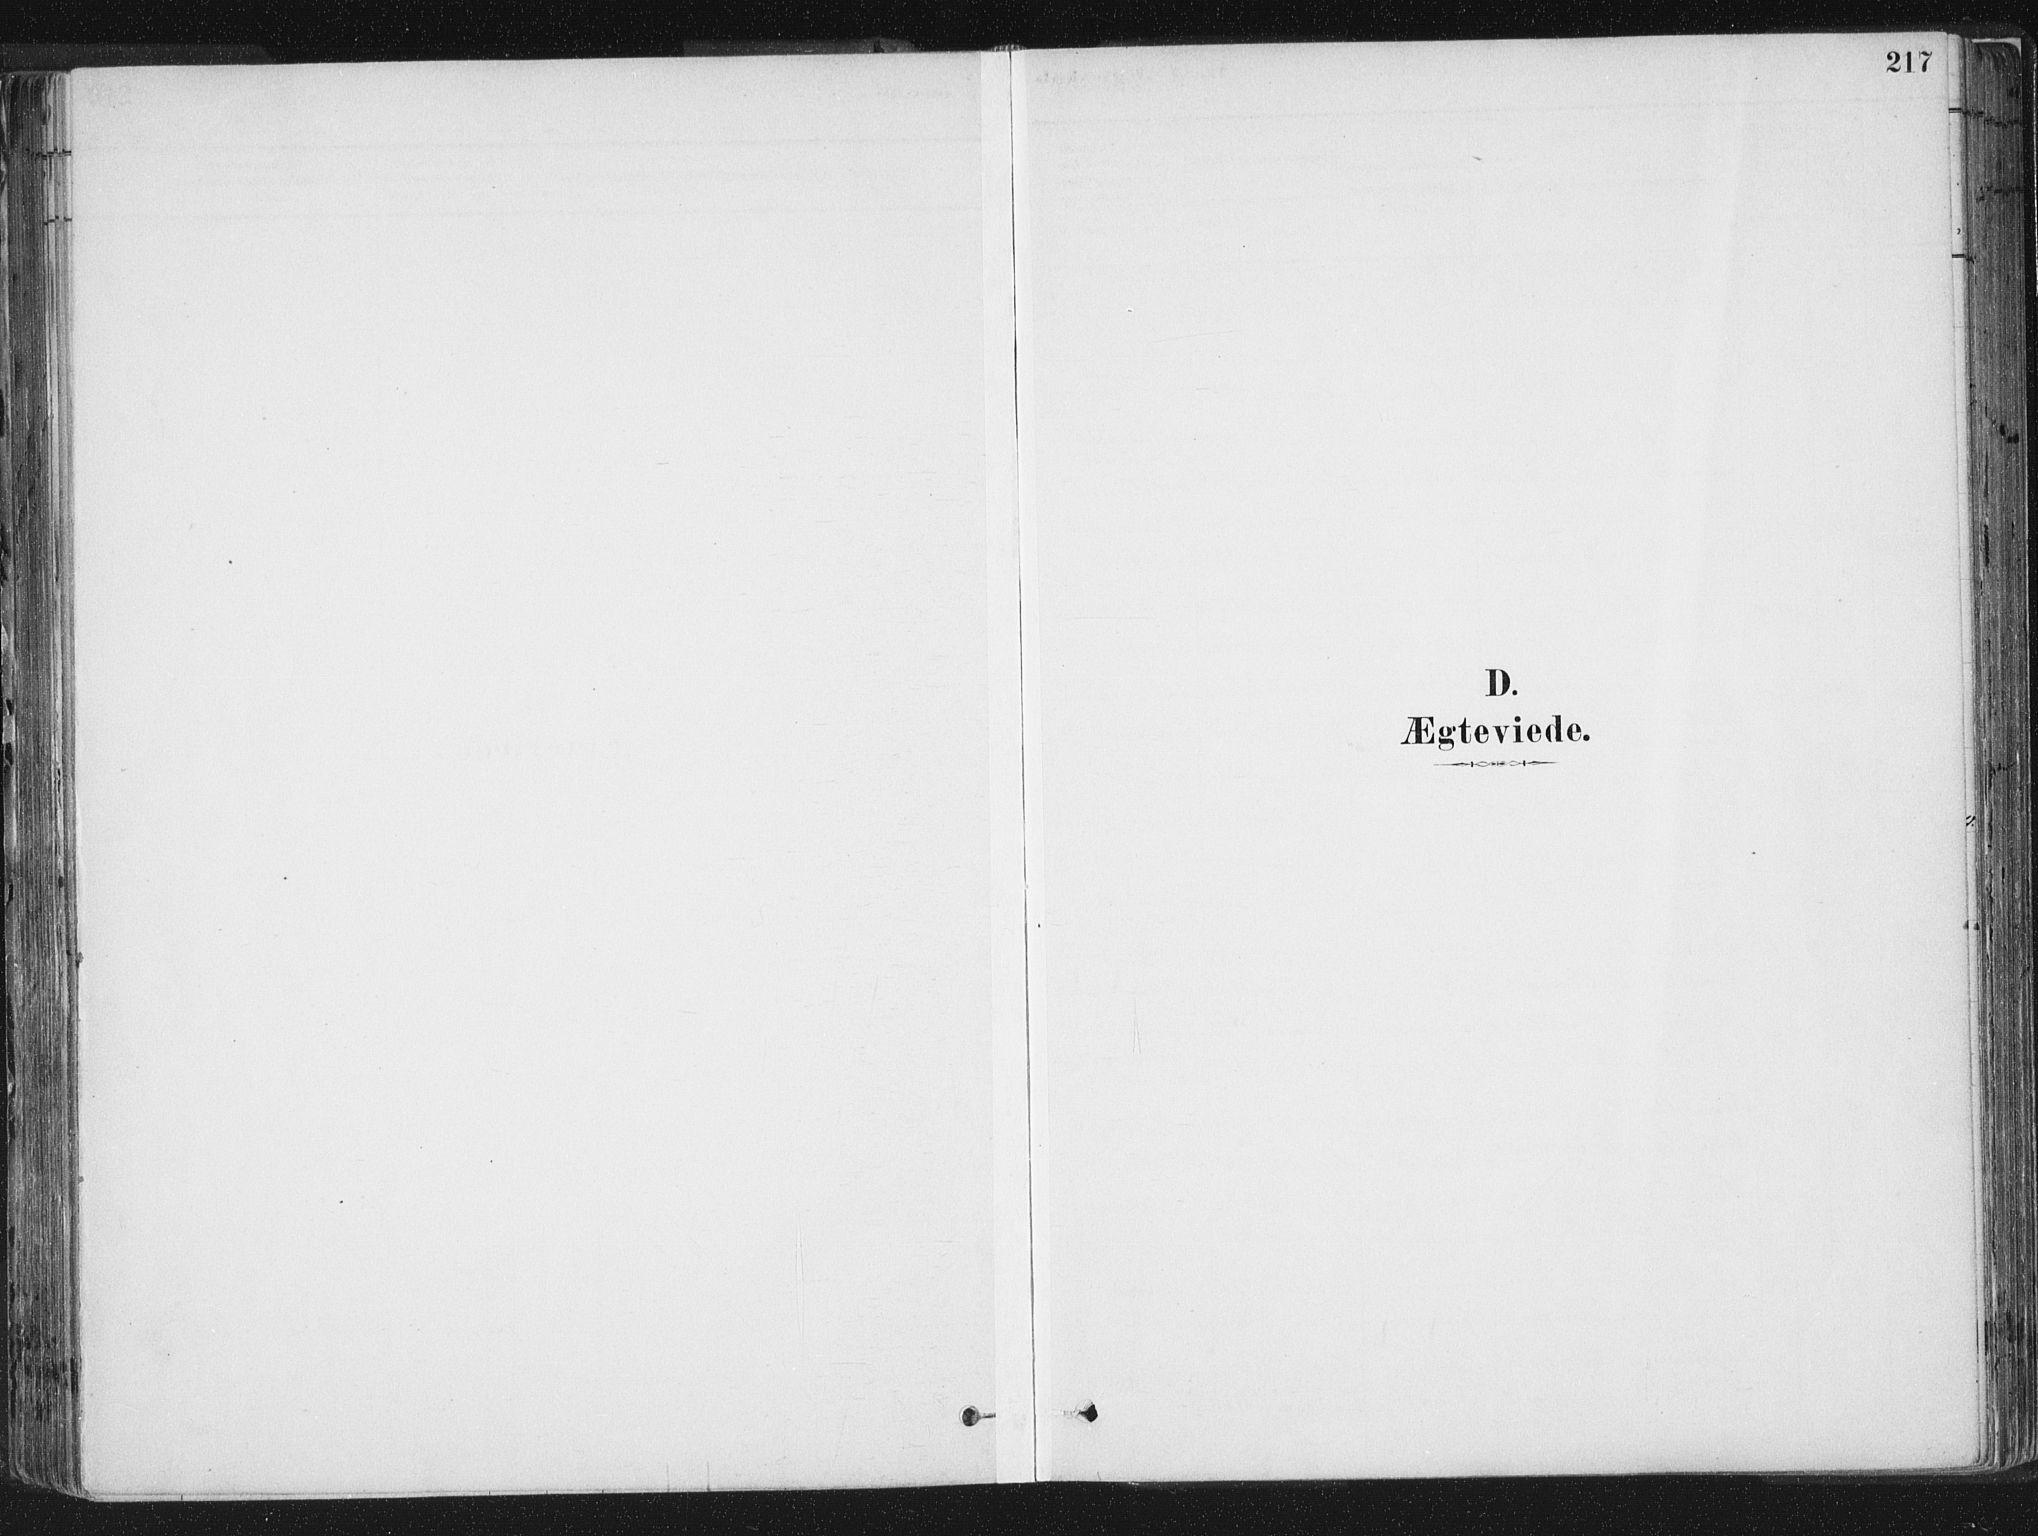 SAT, Ministerialprotokoller, klokkerbøker og fødselsregistre - Sør-Trøndelag, 659/L0739: Ministerialbok nr. 659A09, 1879-1893, s. 217